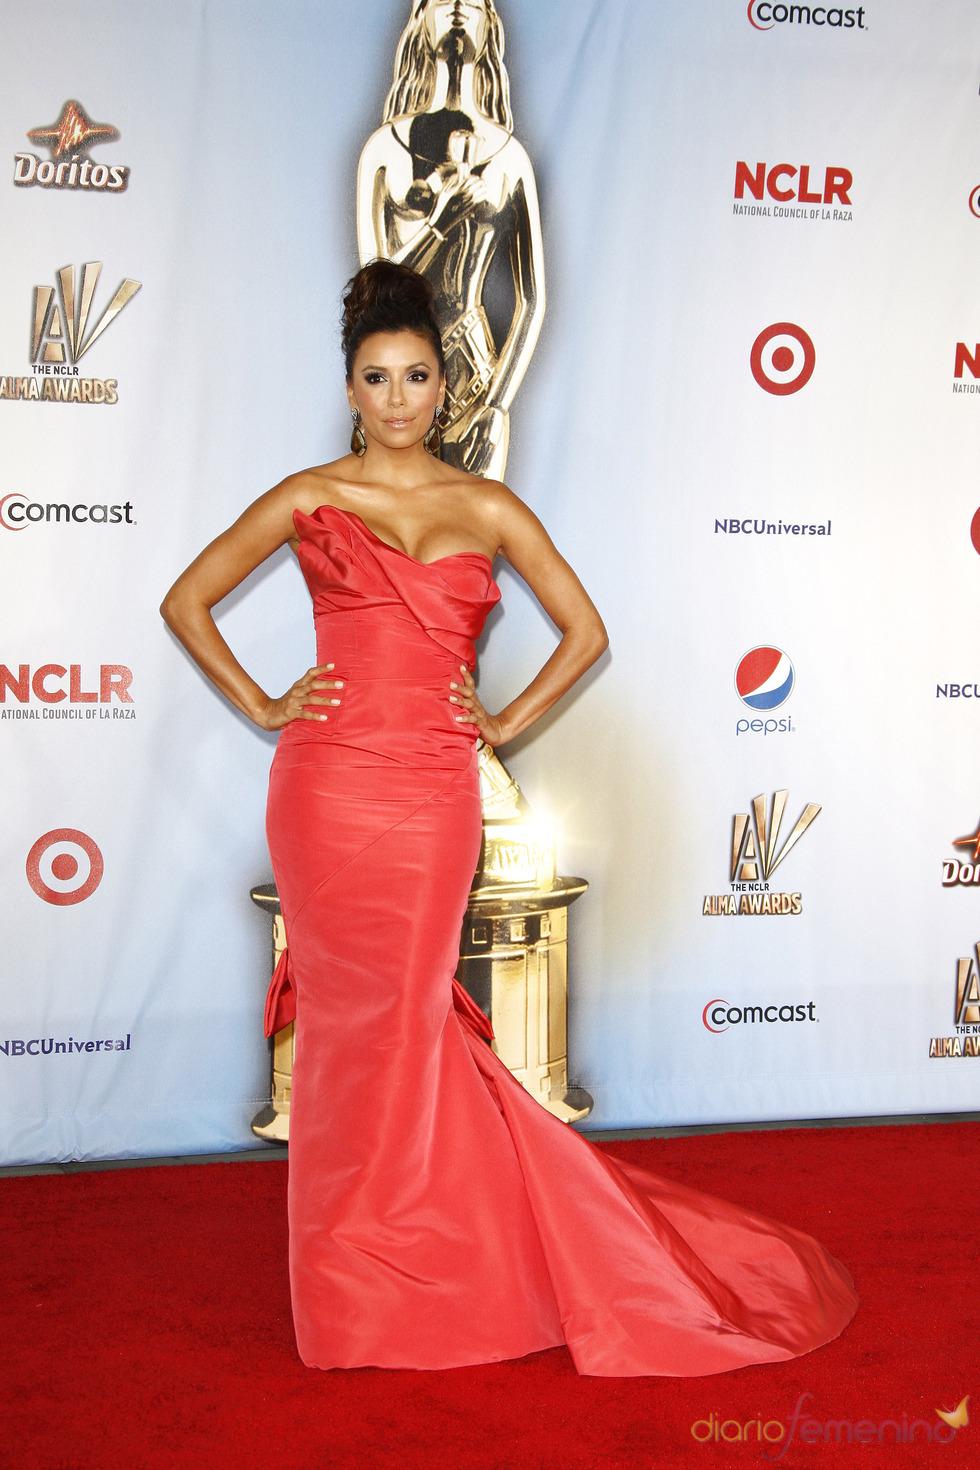 Eva Longoria desfila por la alfombra roja de los latinos 'premios Alma' 2011